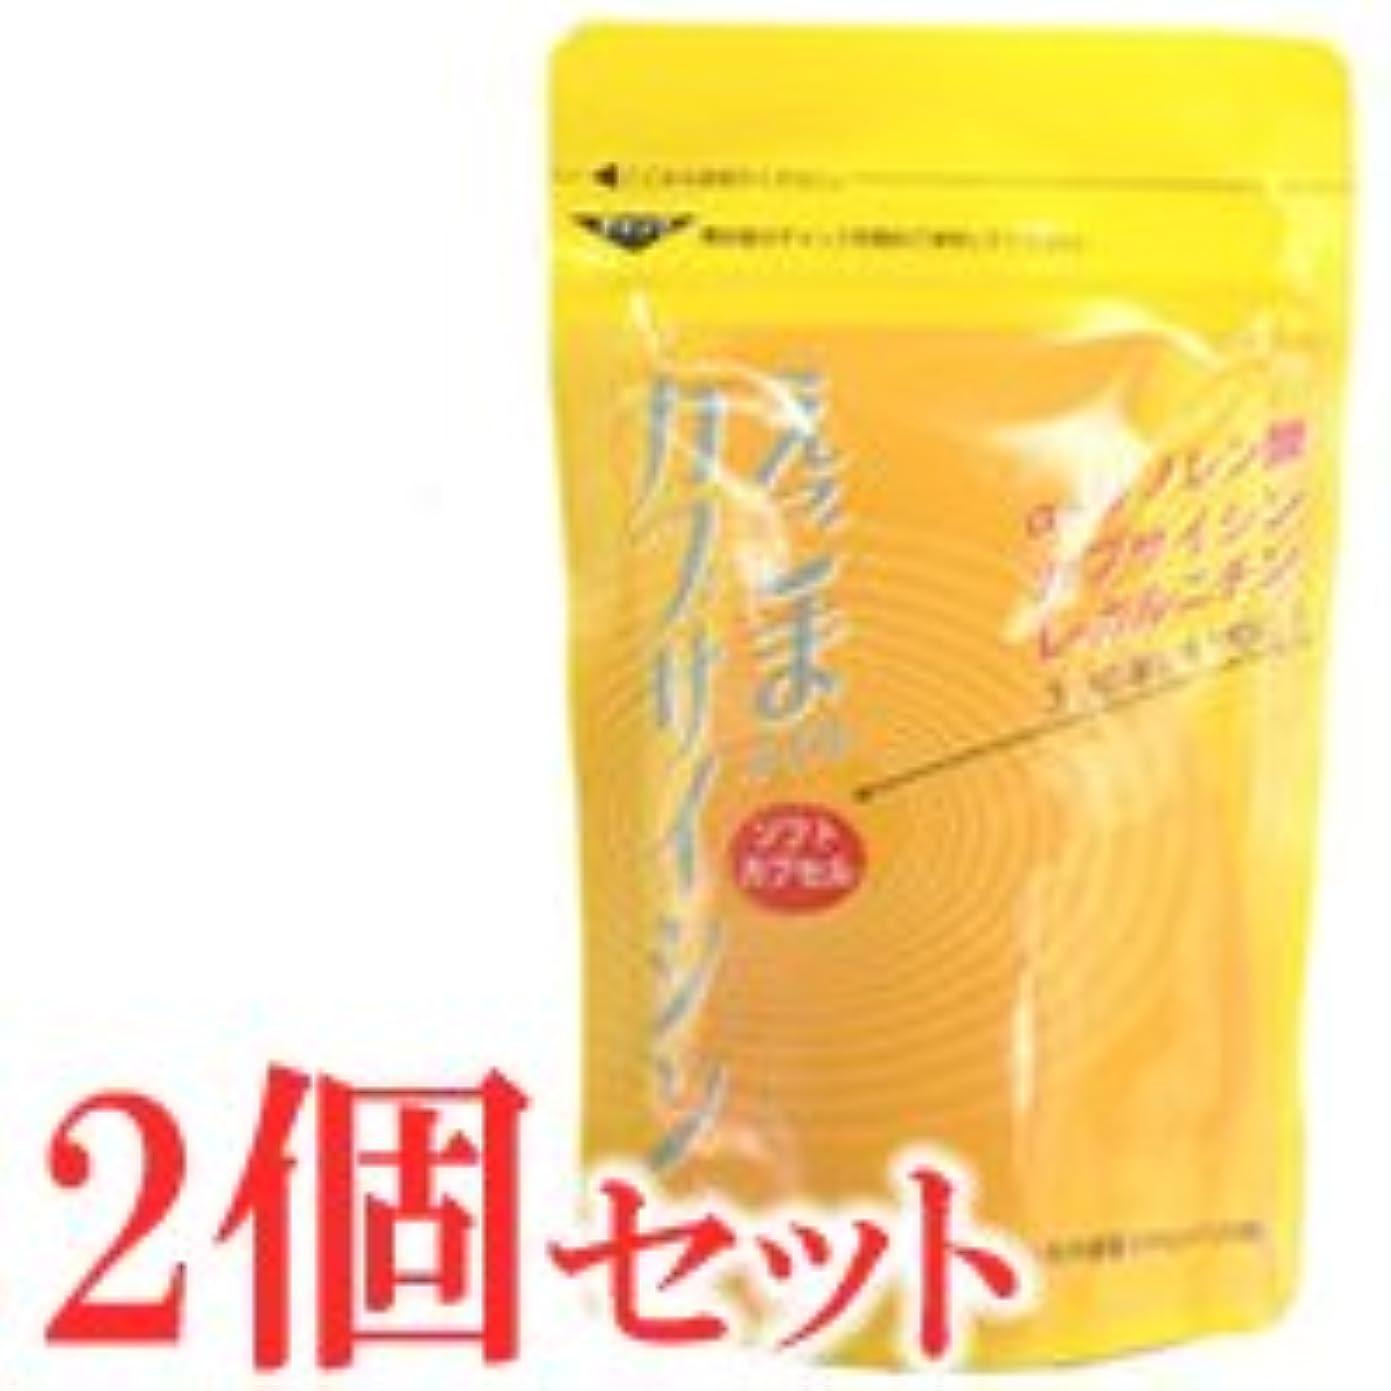 乱す離すマニアえごまオイル カプサイシン 120粒×2袋セット(ソフトカプセル)